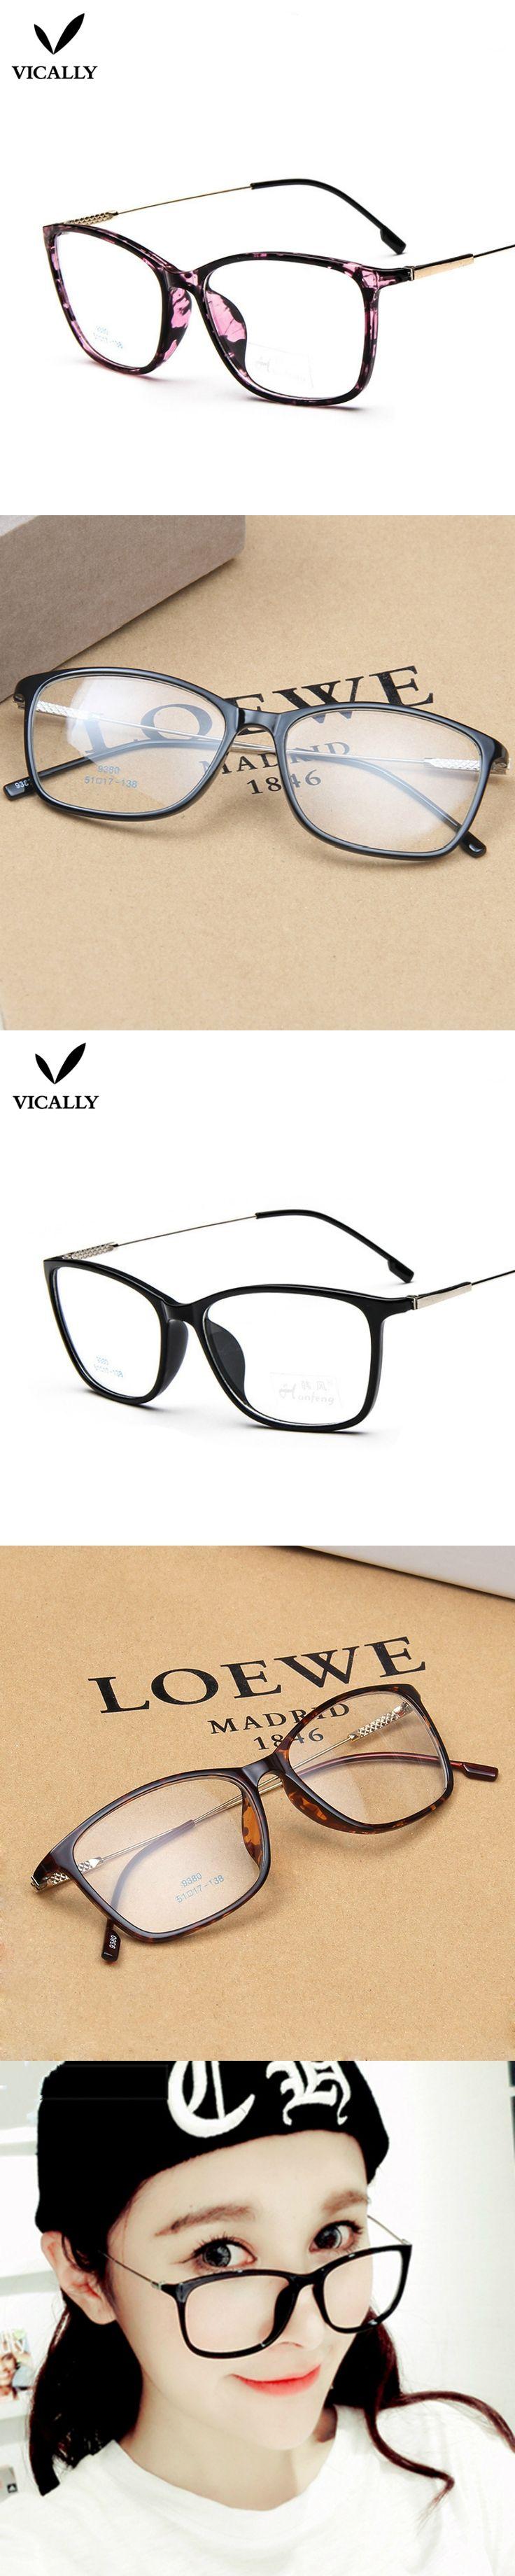 Newest  Eyeglasses Frame Man Vintage Glasses Women Men Glasses Frame Fashion Optical Frame Nerd Glasses Oculos Femininos